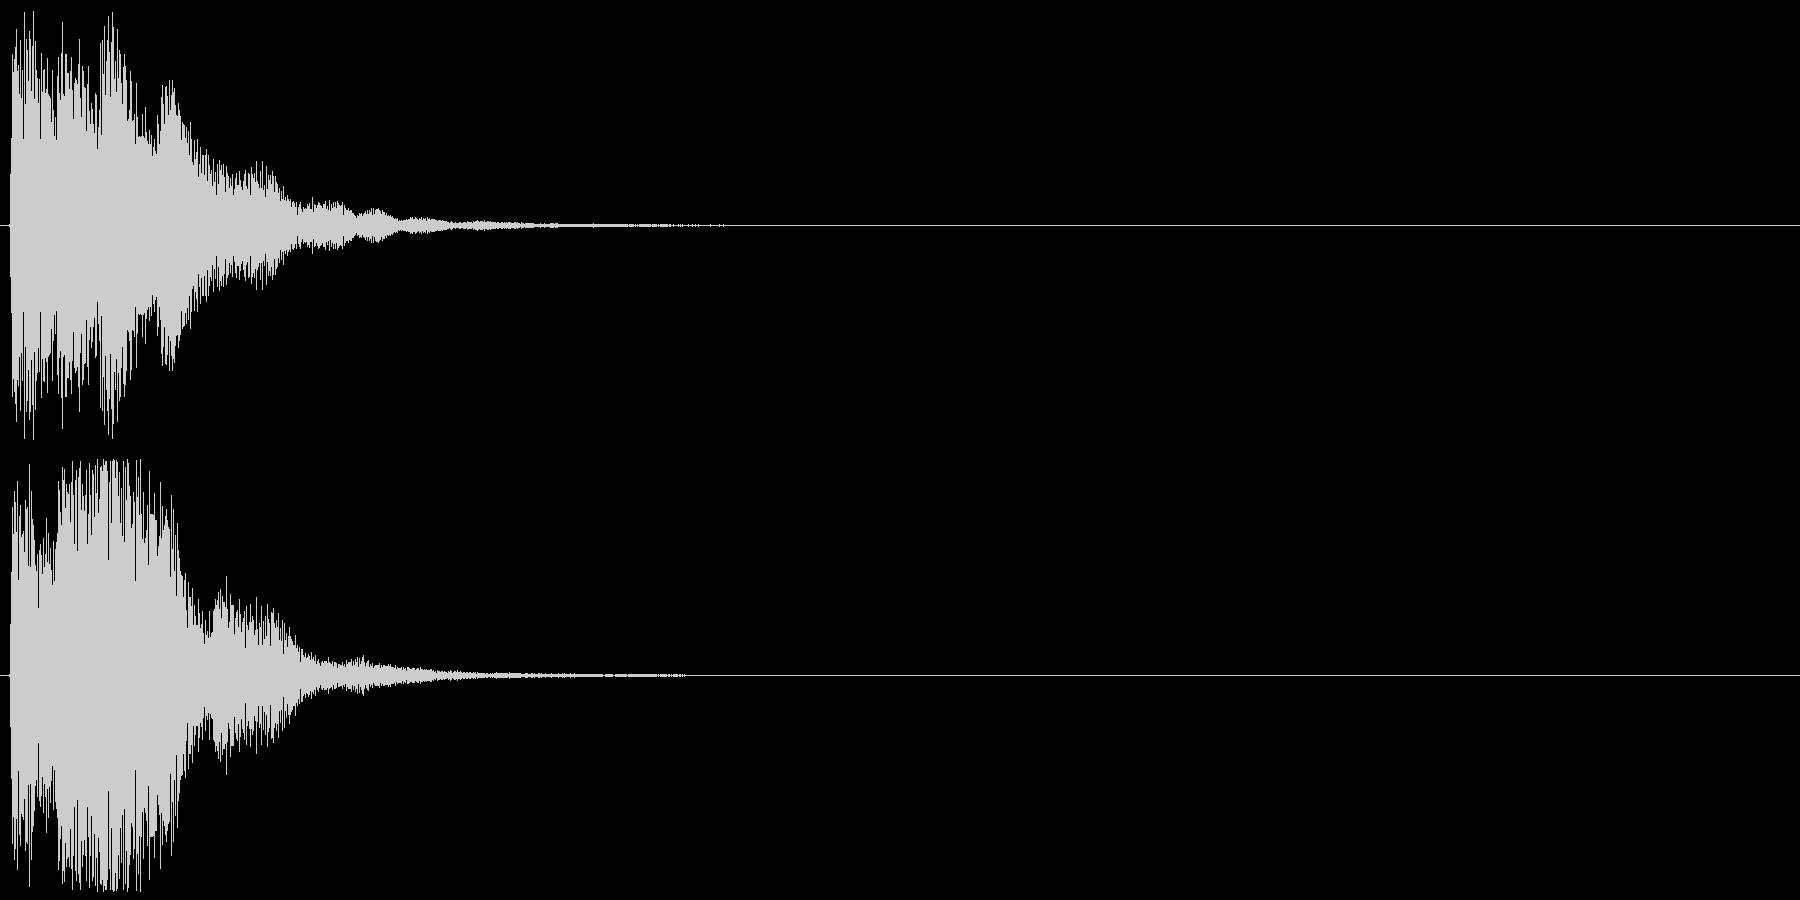 「表示」キャプション/テロップ_001の未再生の波形